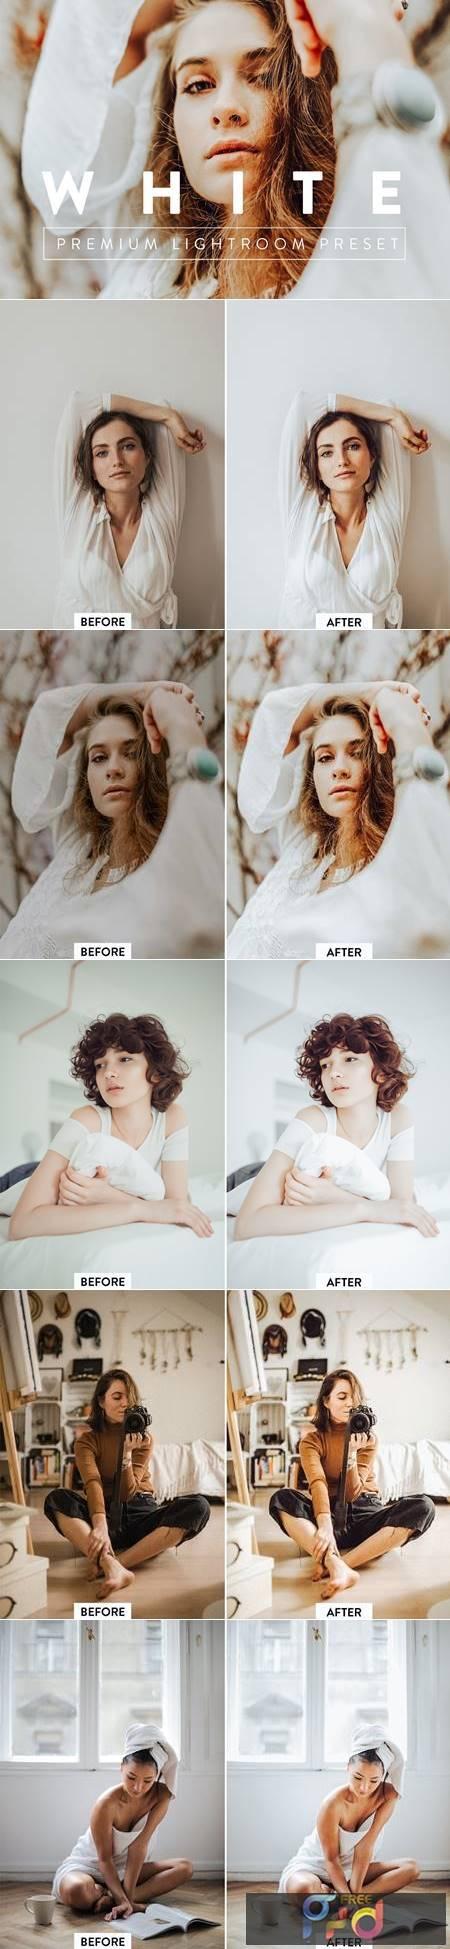 WHITE Premium Lightroom Preset 5059811 1